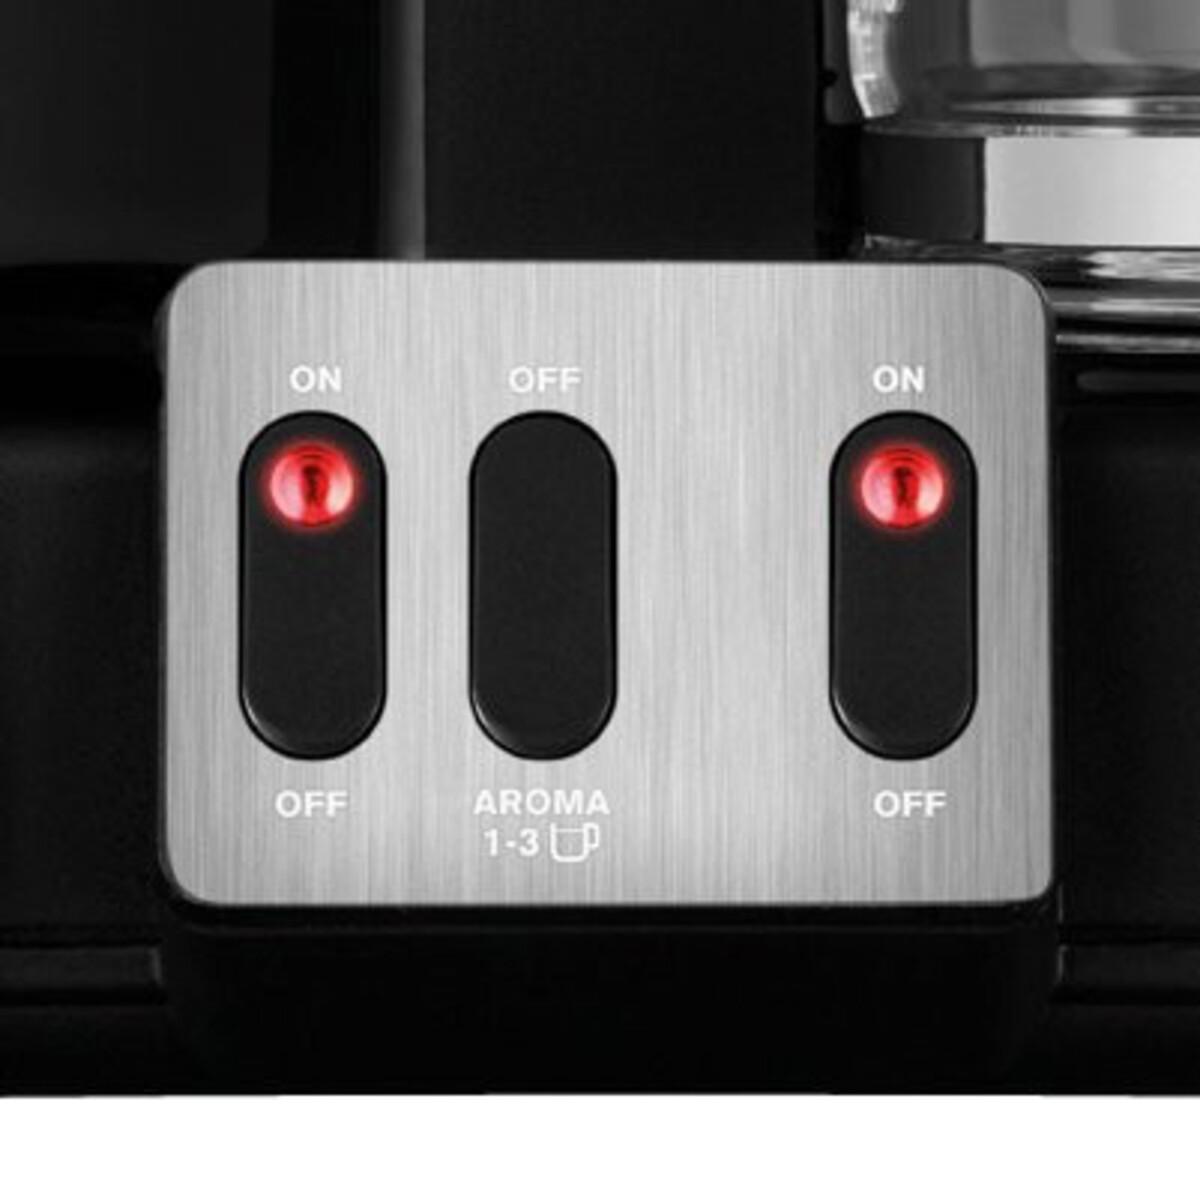 Bild 4 von Krups Kaffee- und Teeautomat DuothekPlus KM8508